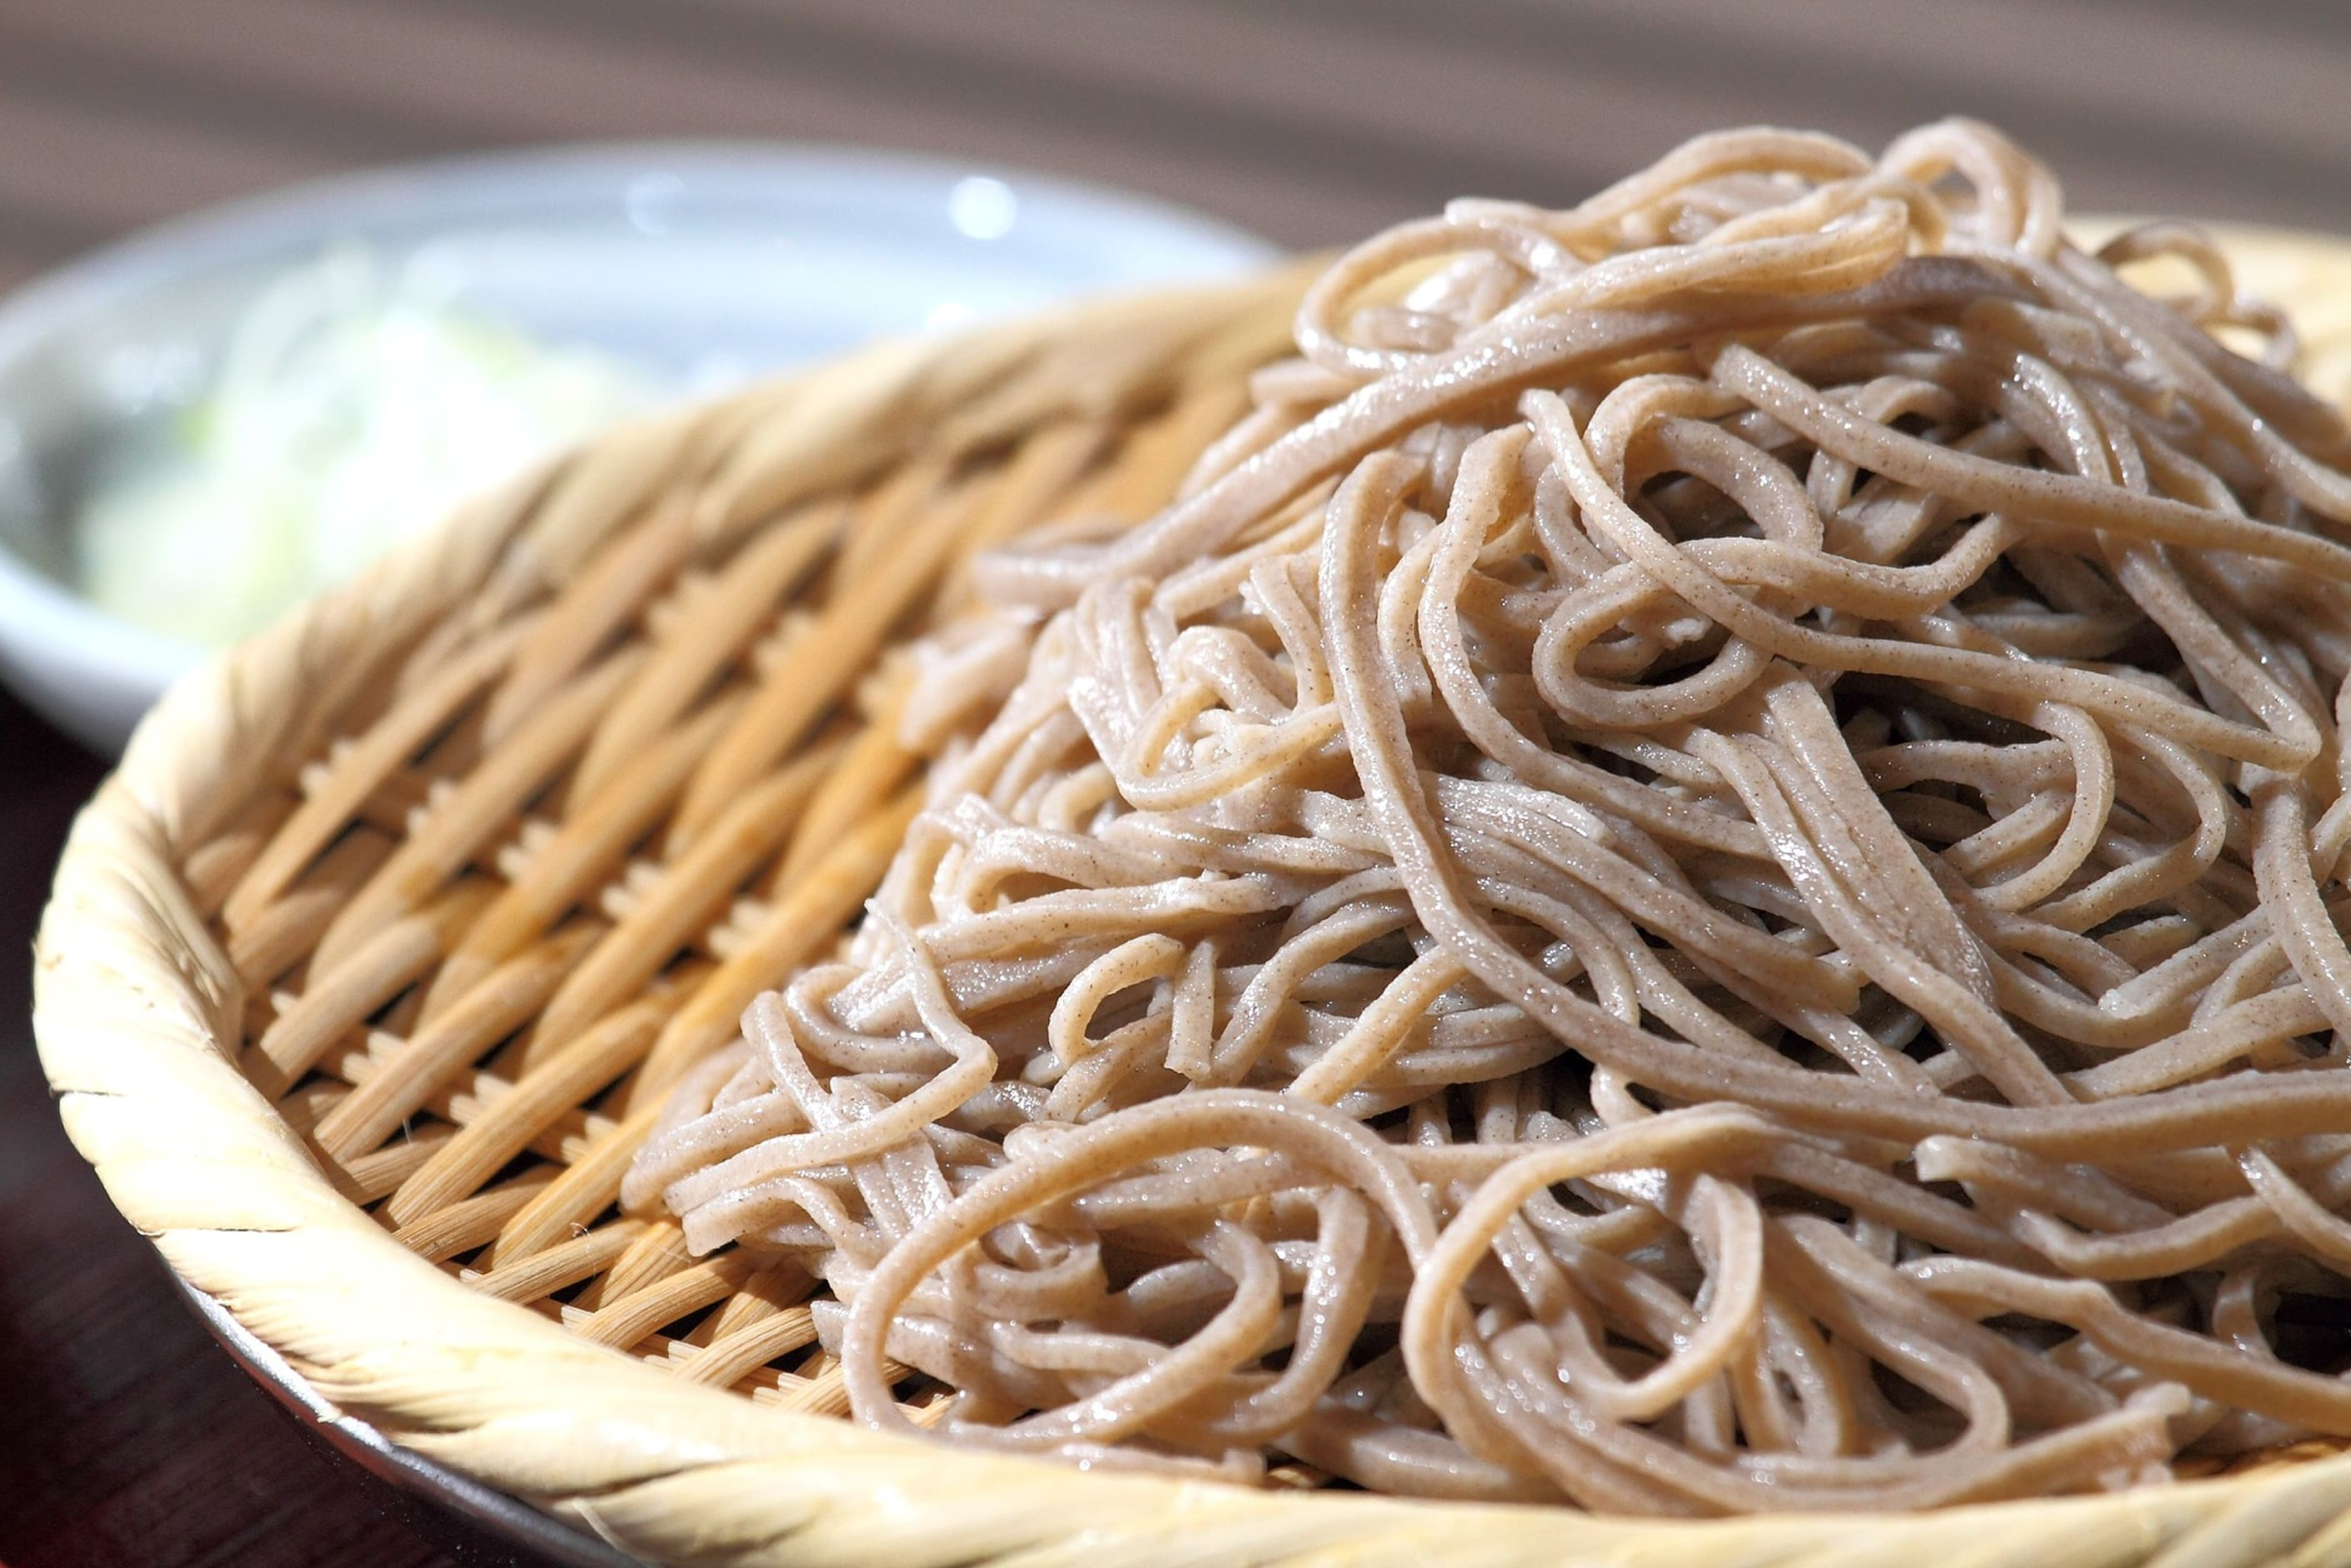 和食麺処サガミ 3月19日より 『サガミ大感謝祭 春の宴』 を開催